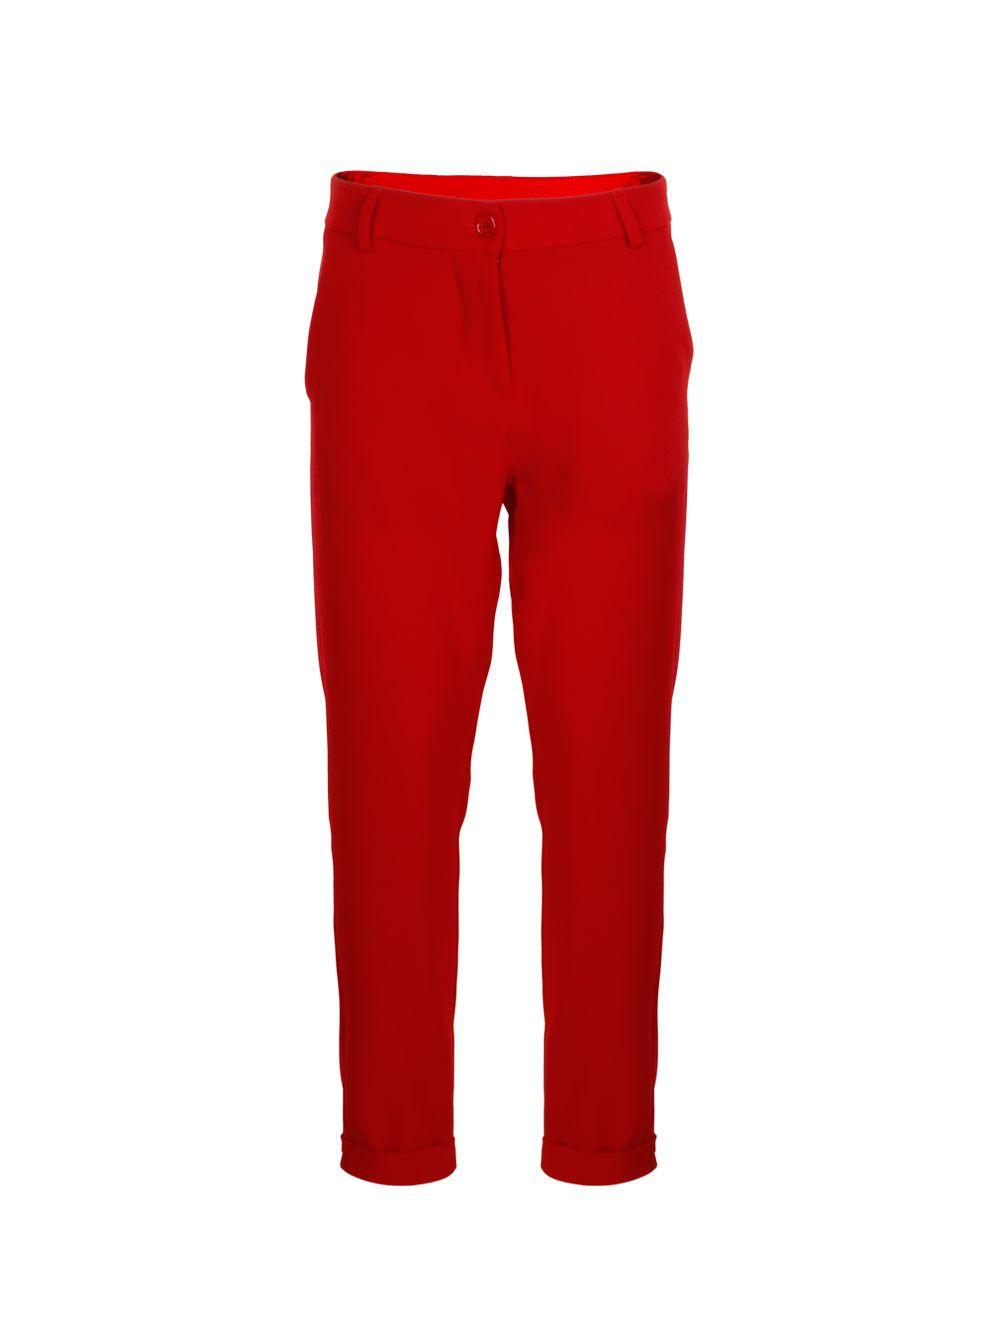 Хлопковые брюки с маленьким манжетом Imperial